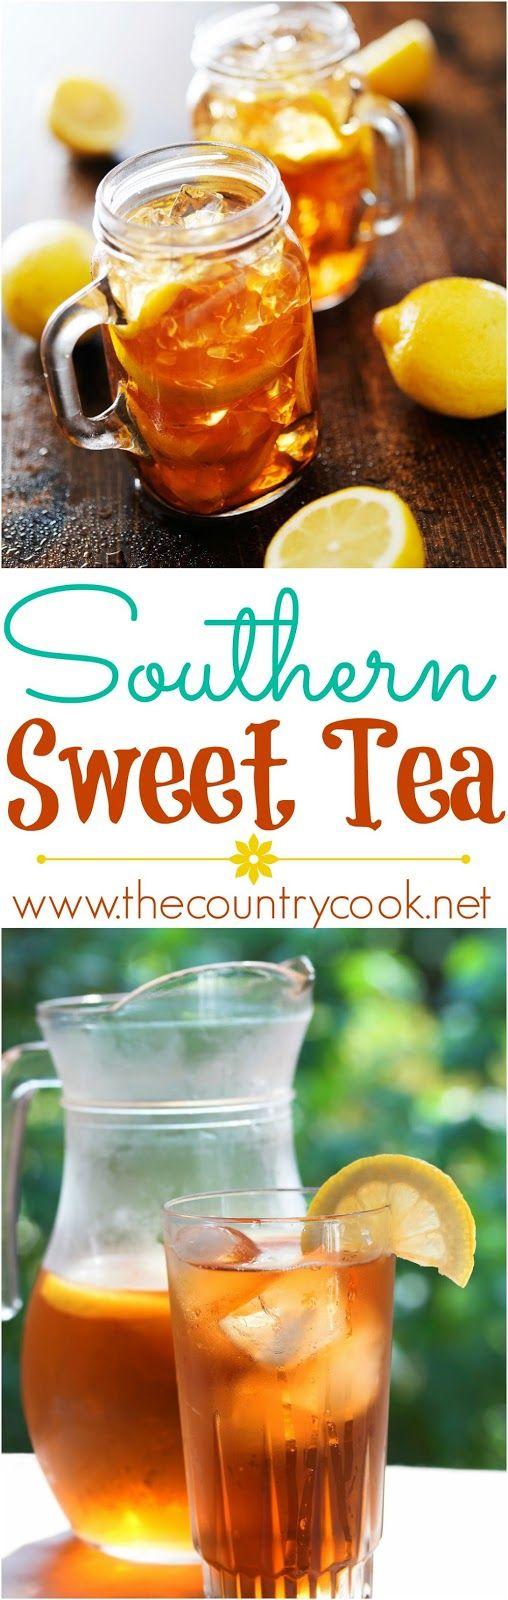 Smooth Sweet Tea Recipe - Allrecipes.com